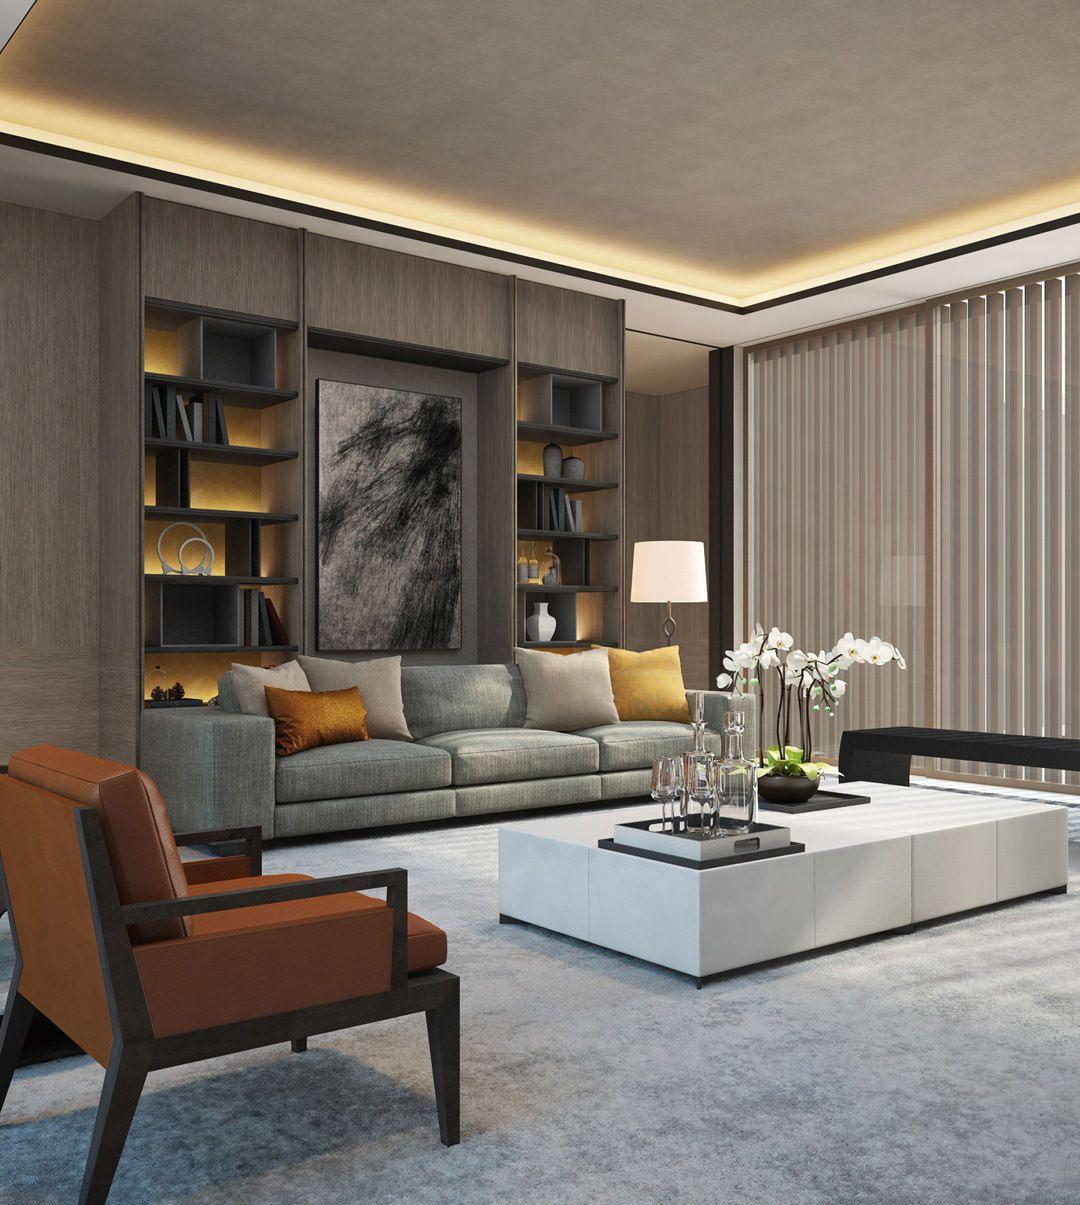 Soggiorni moderni • 100 idee e stile per il soggiorno